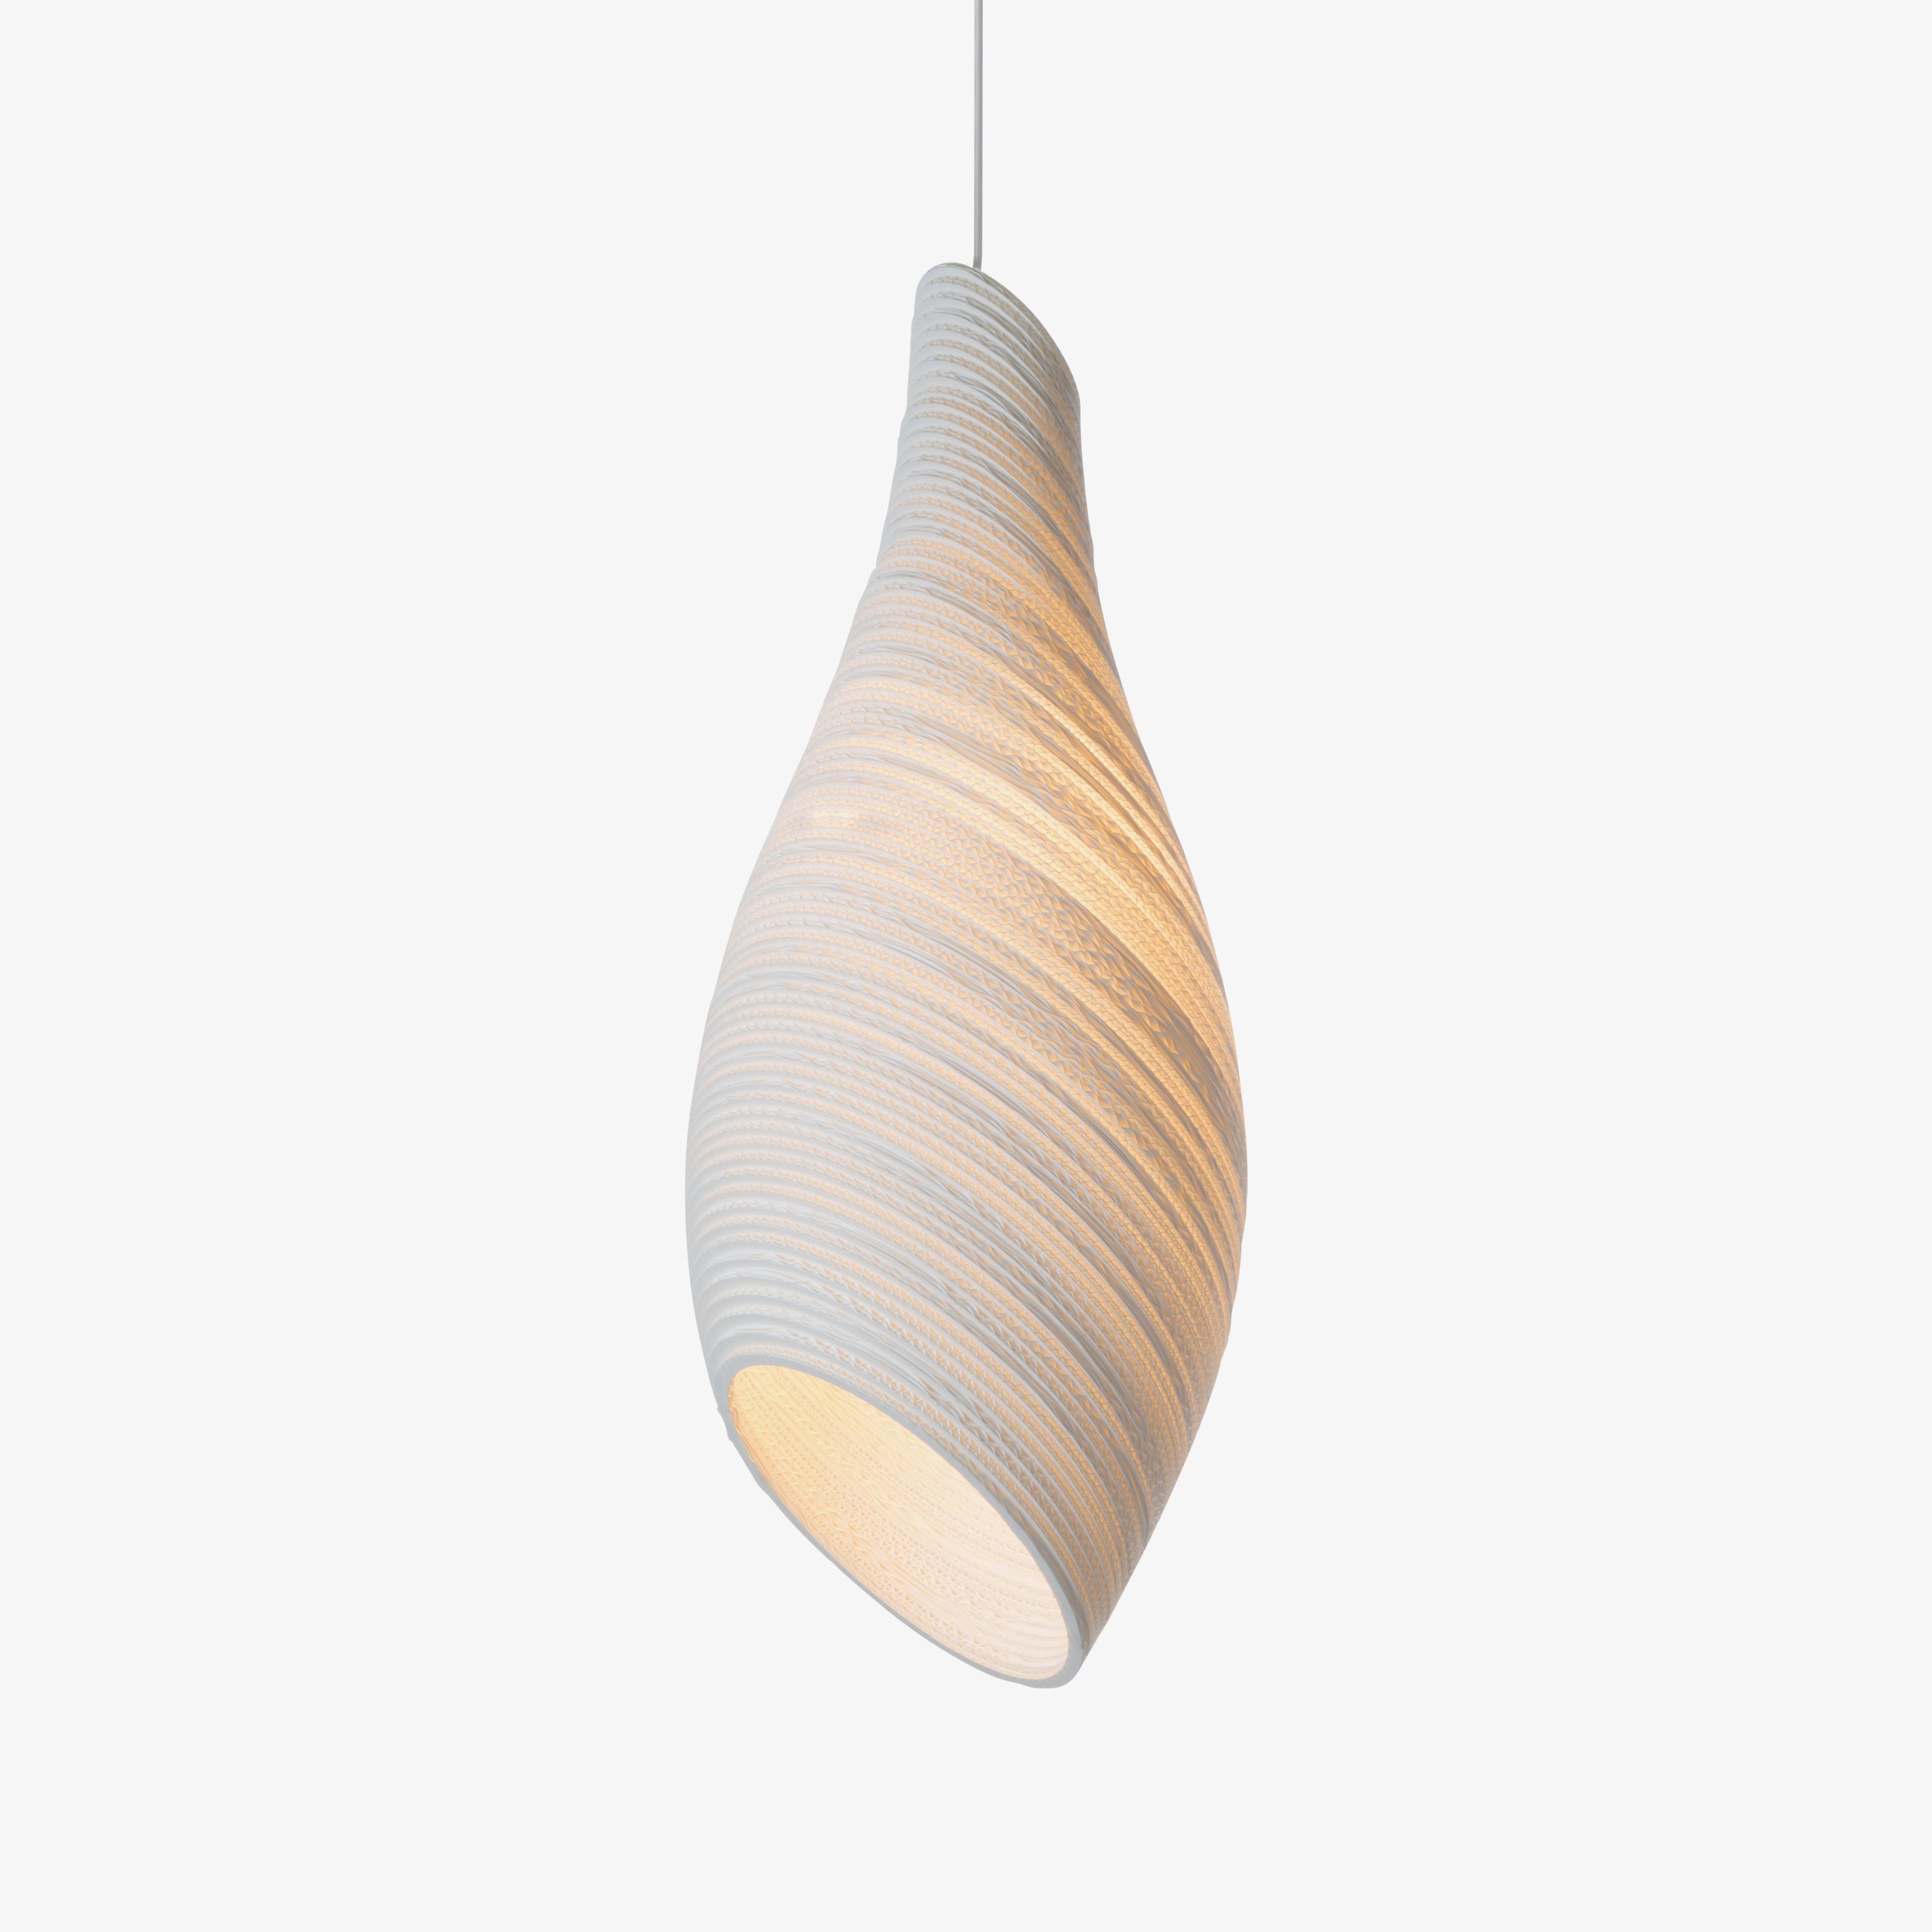 http://desidea.hu/wp-content/uploads/2019/07/Nest32-Pendant-White.jpg